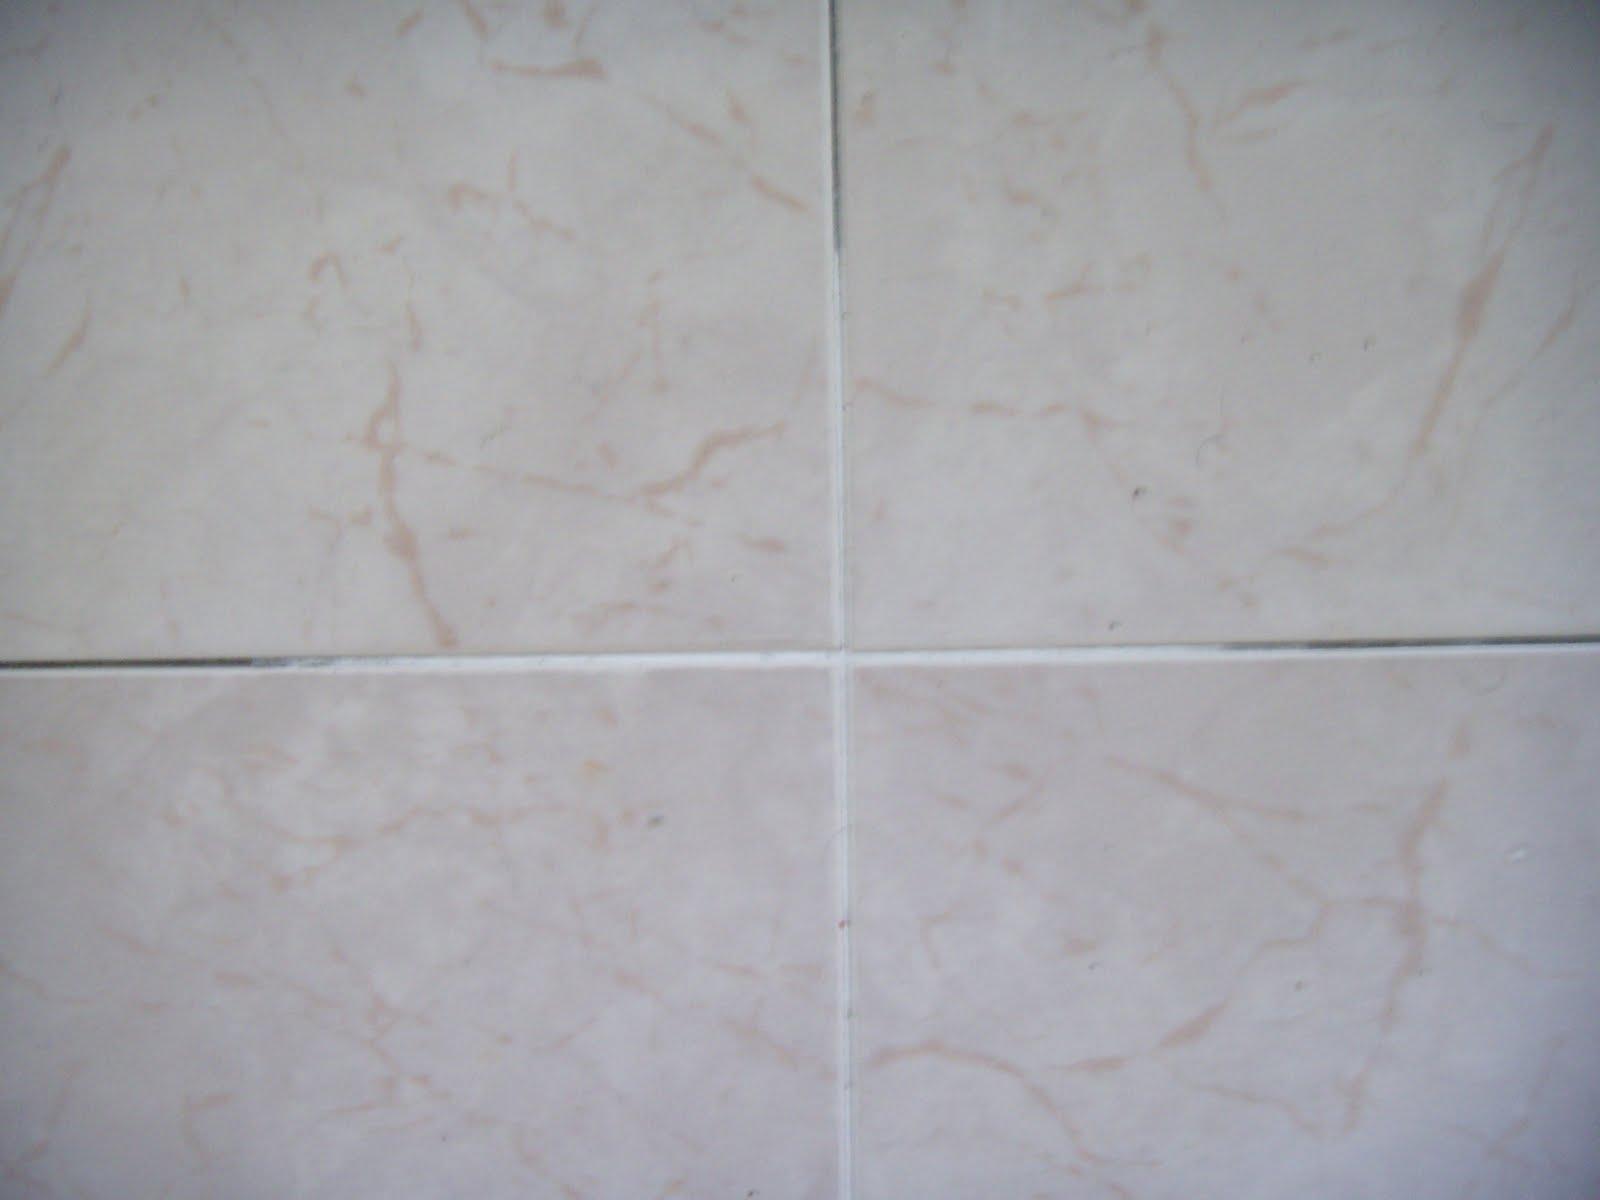 Ciberinsumos desmanchador de pisos y ceramica - Como sacar manchas de oxido del piso de ceramica ...